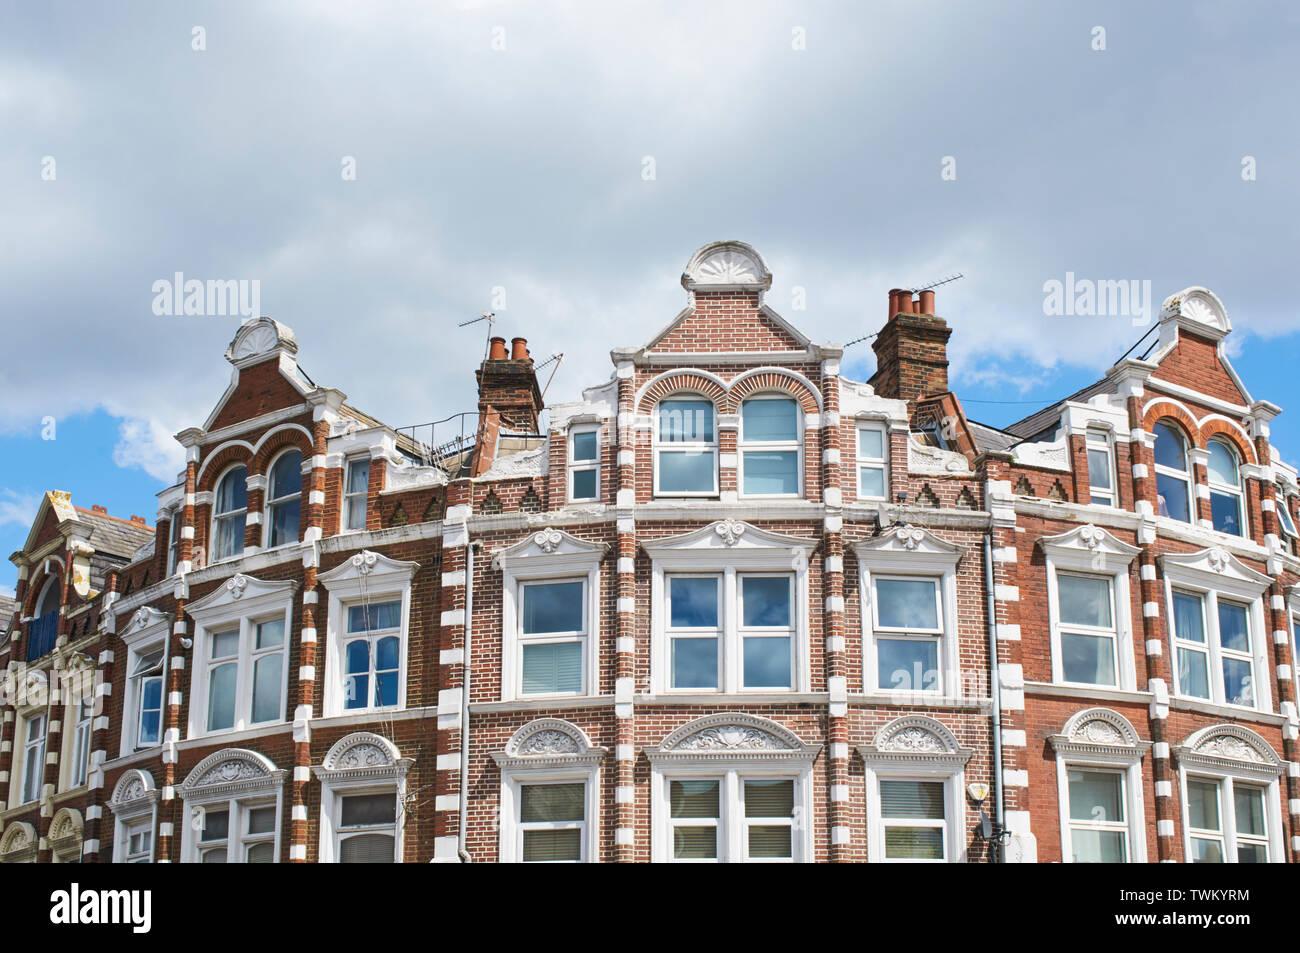 Terraza victoriana en el centro de Crouch End, en el norte de Londres, Gran Bretaña. Imagen De Stock